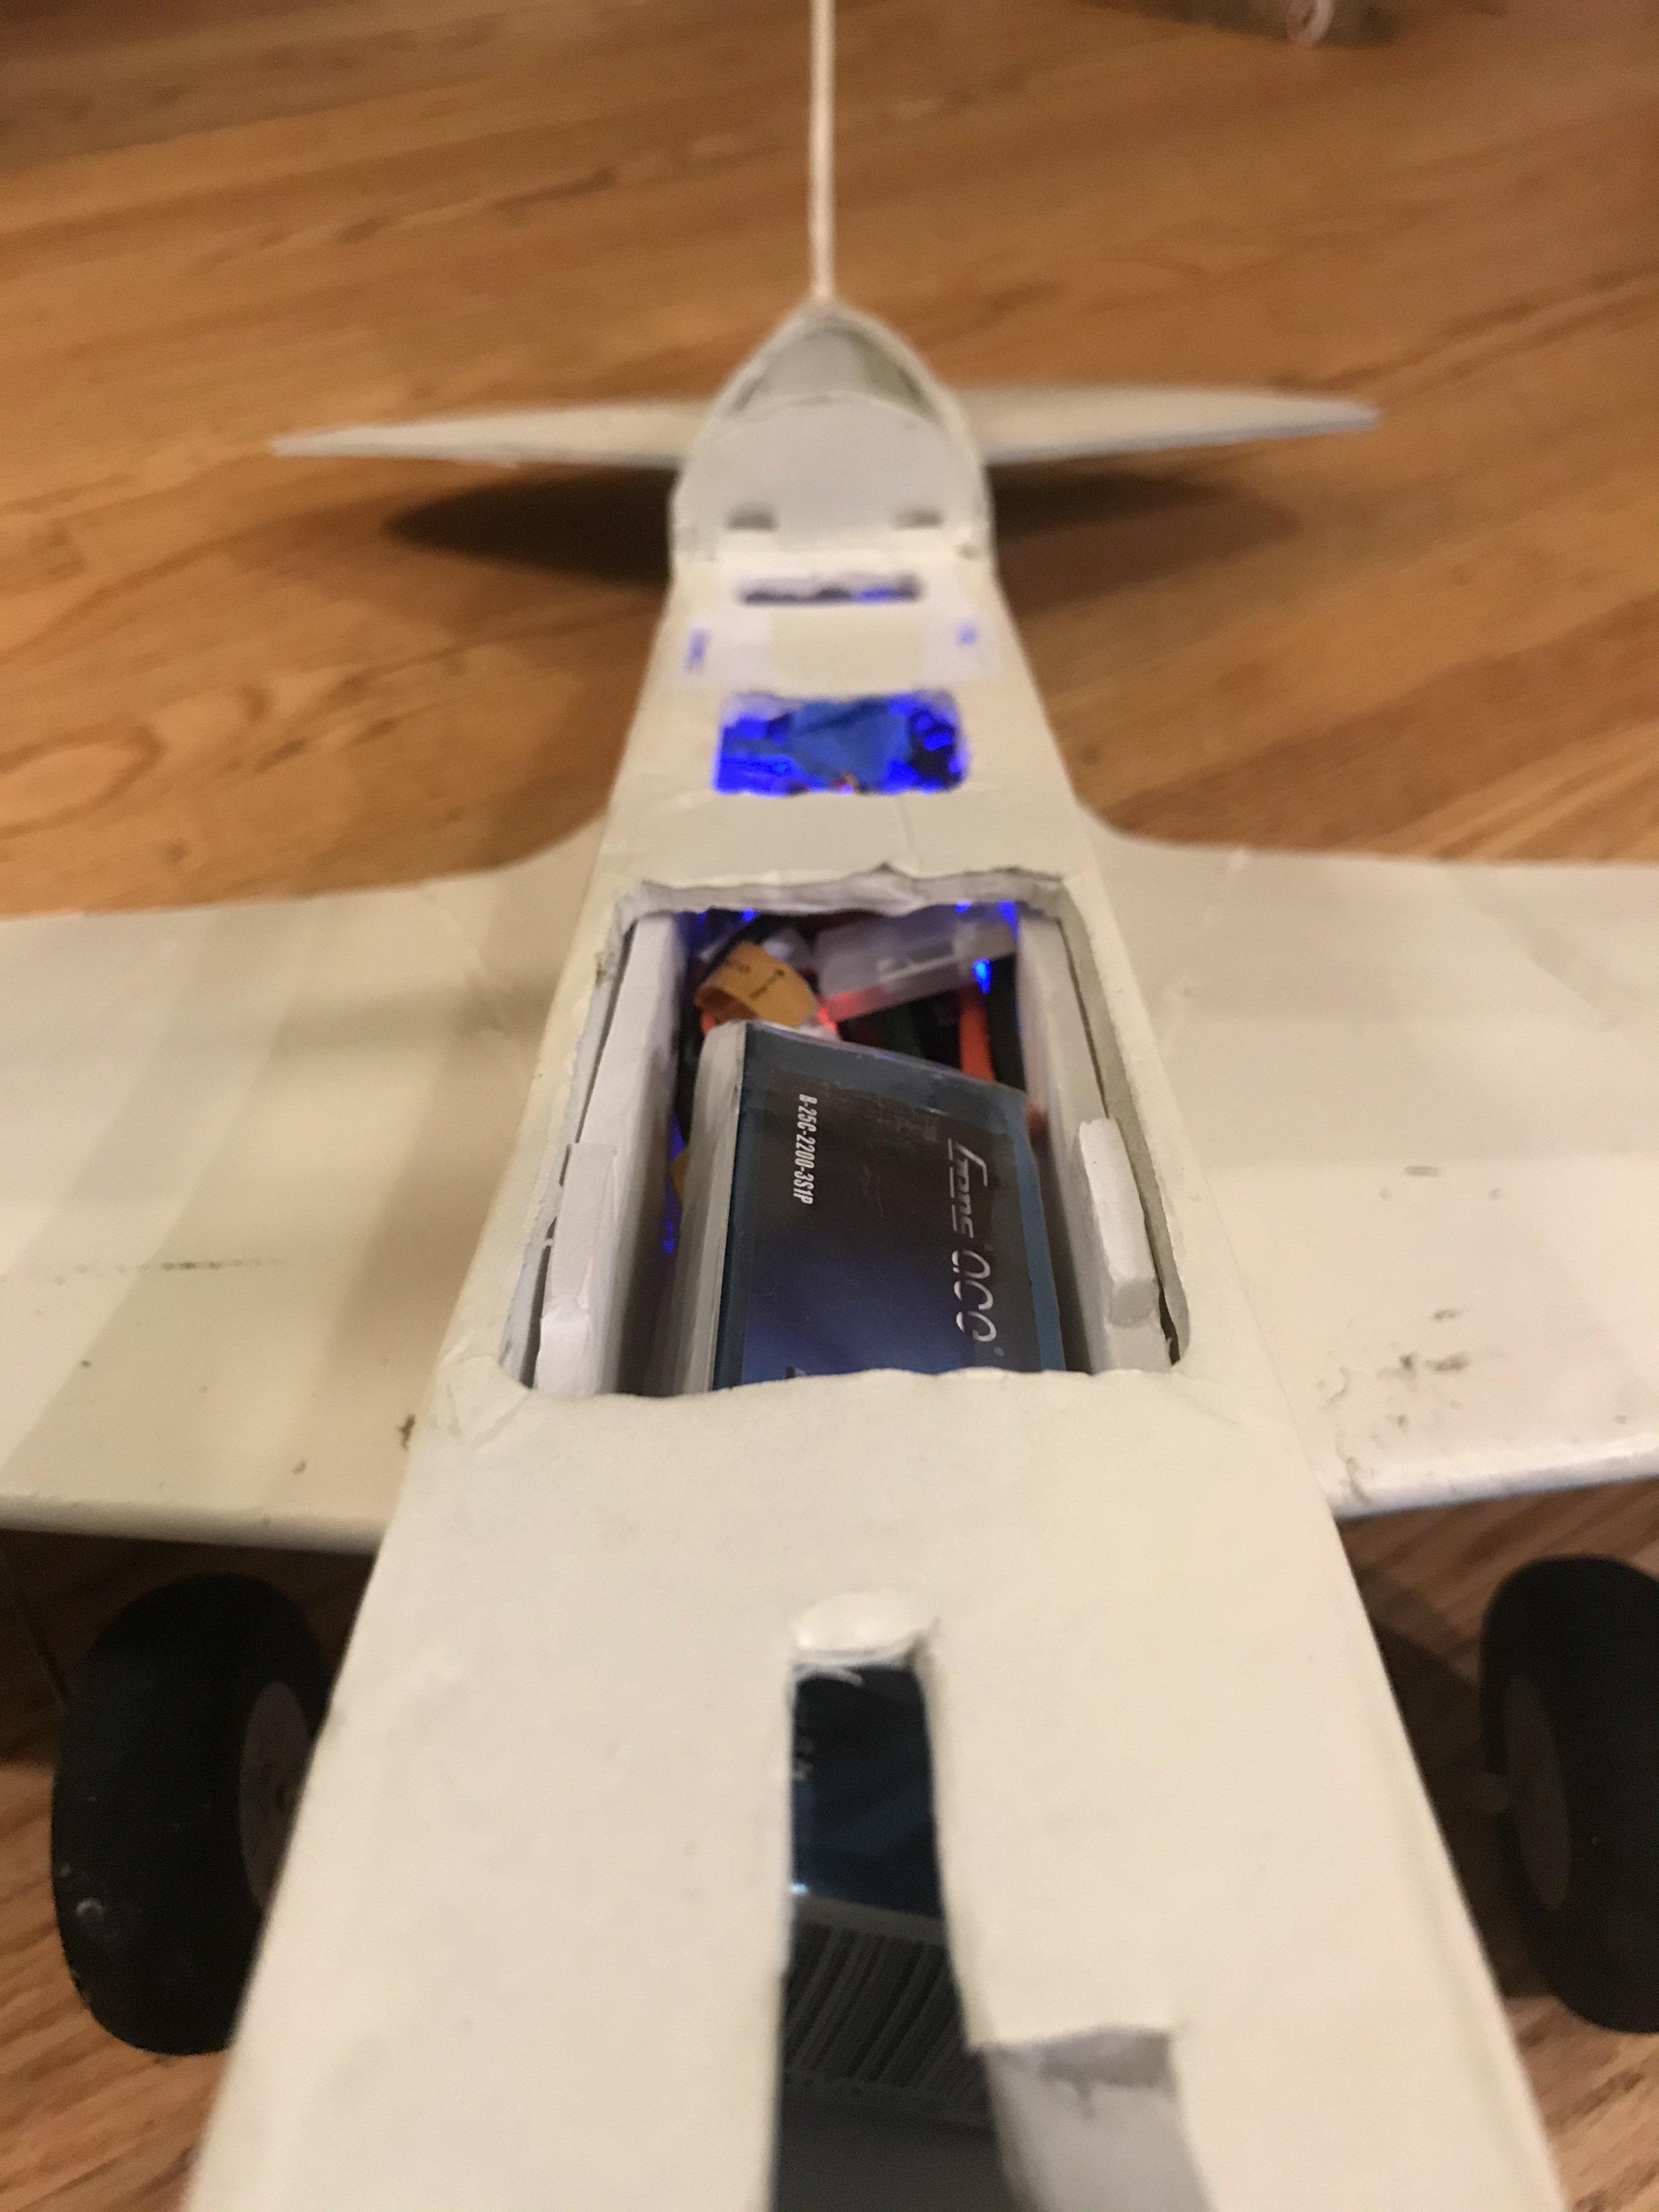 A36C5EB6-2BBE-4D81-82DA-C4F39D784E51.jpeg